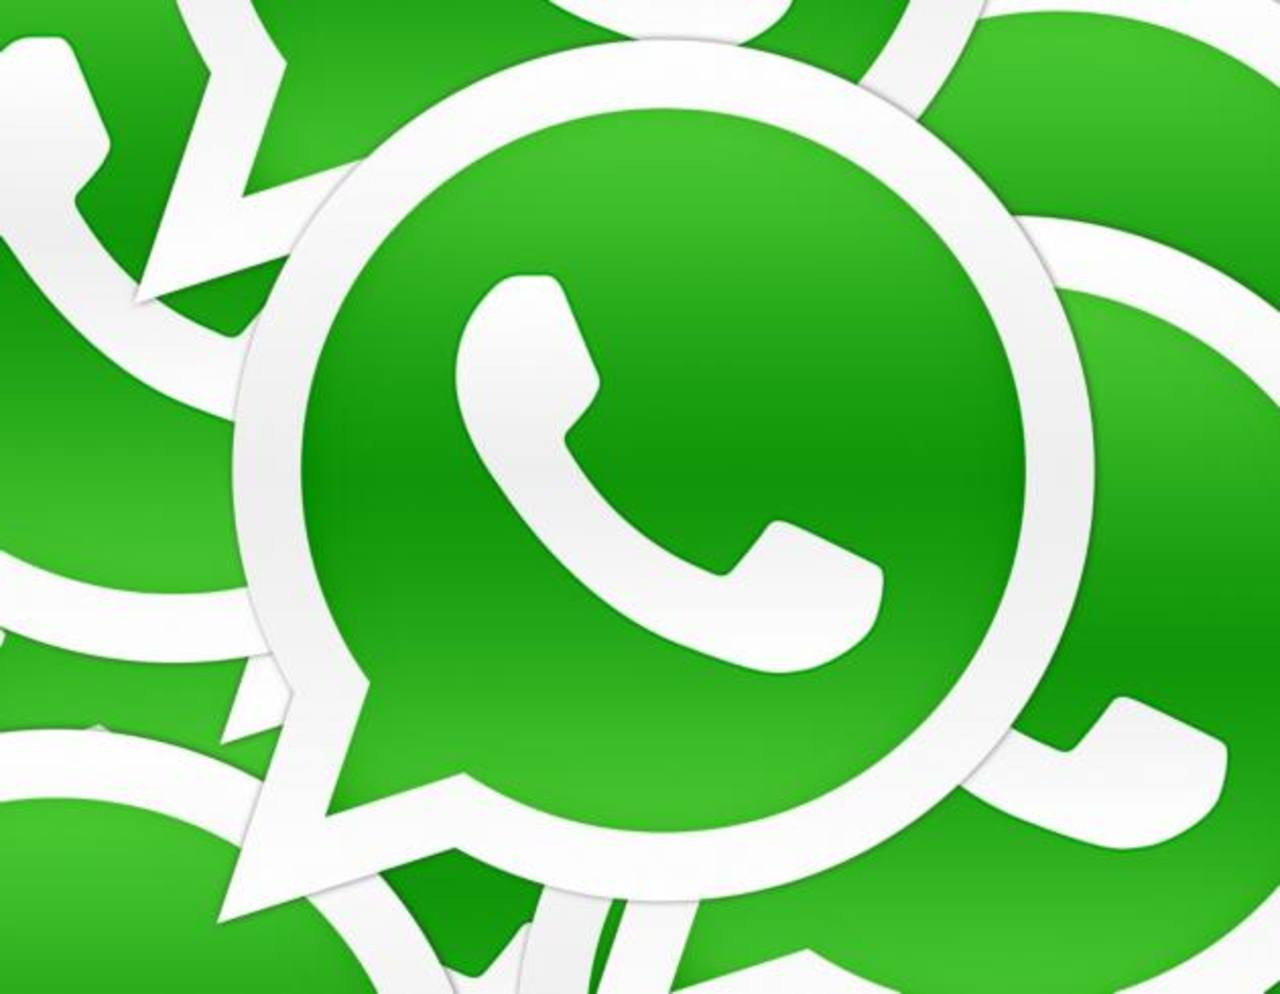 Cómo liberar espacio utilizado por WhatsApp en el celular